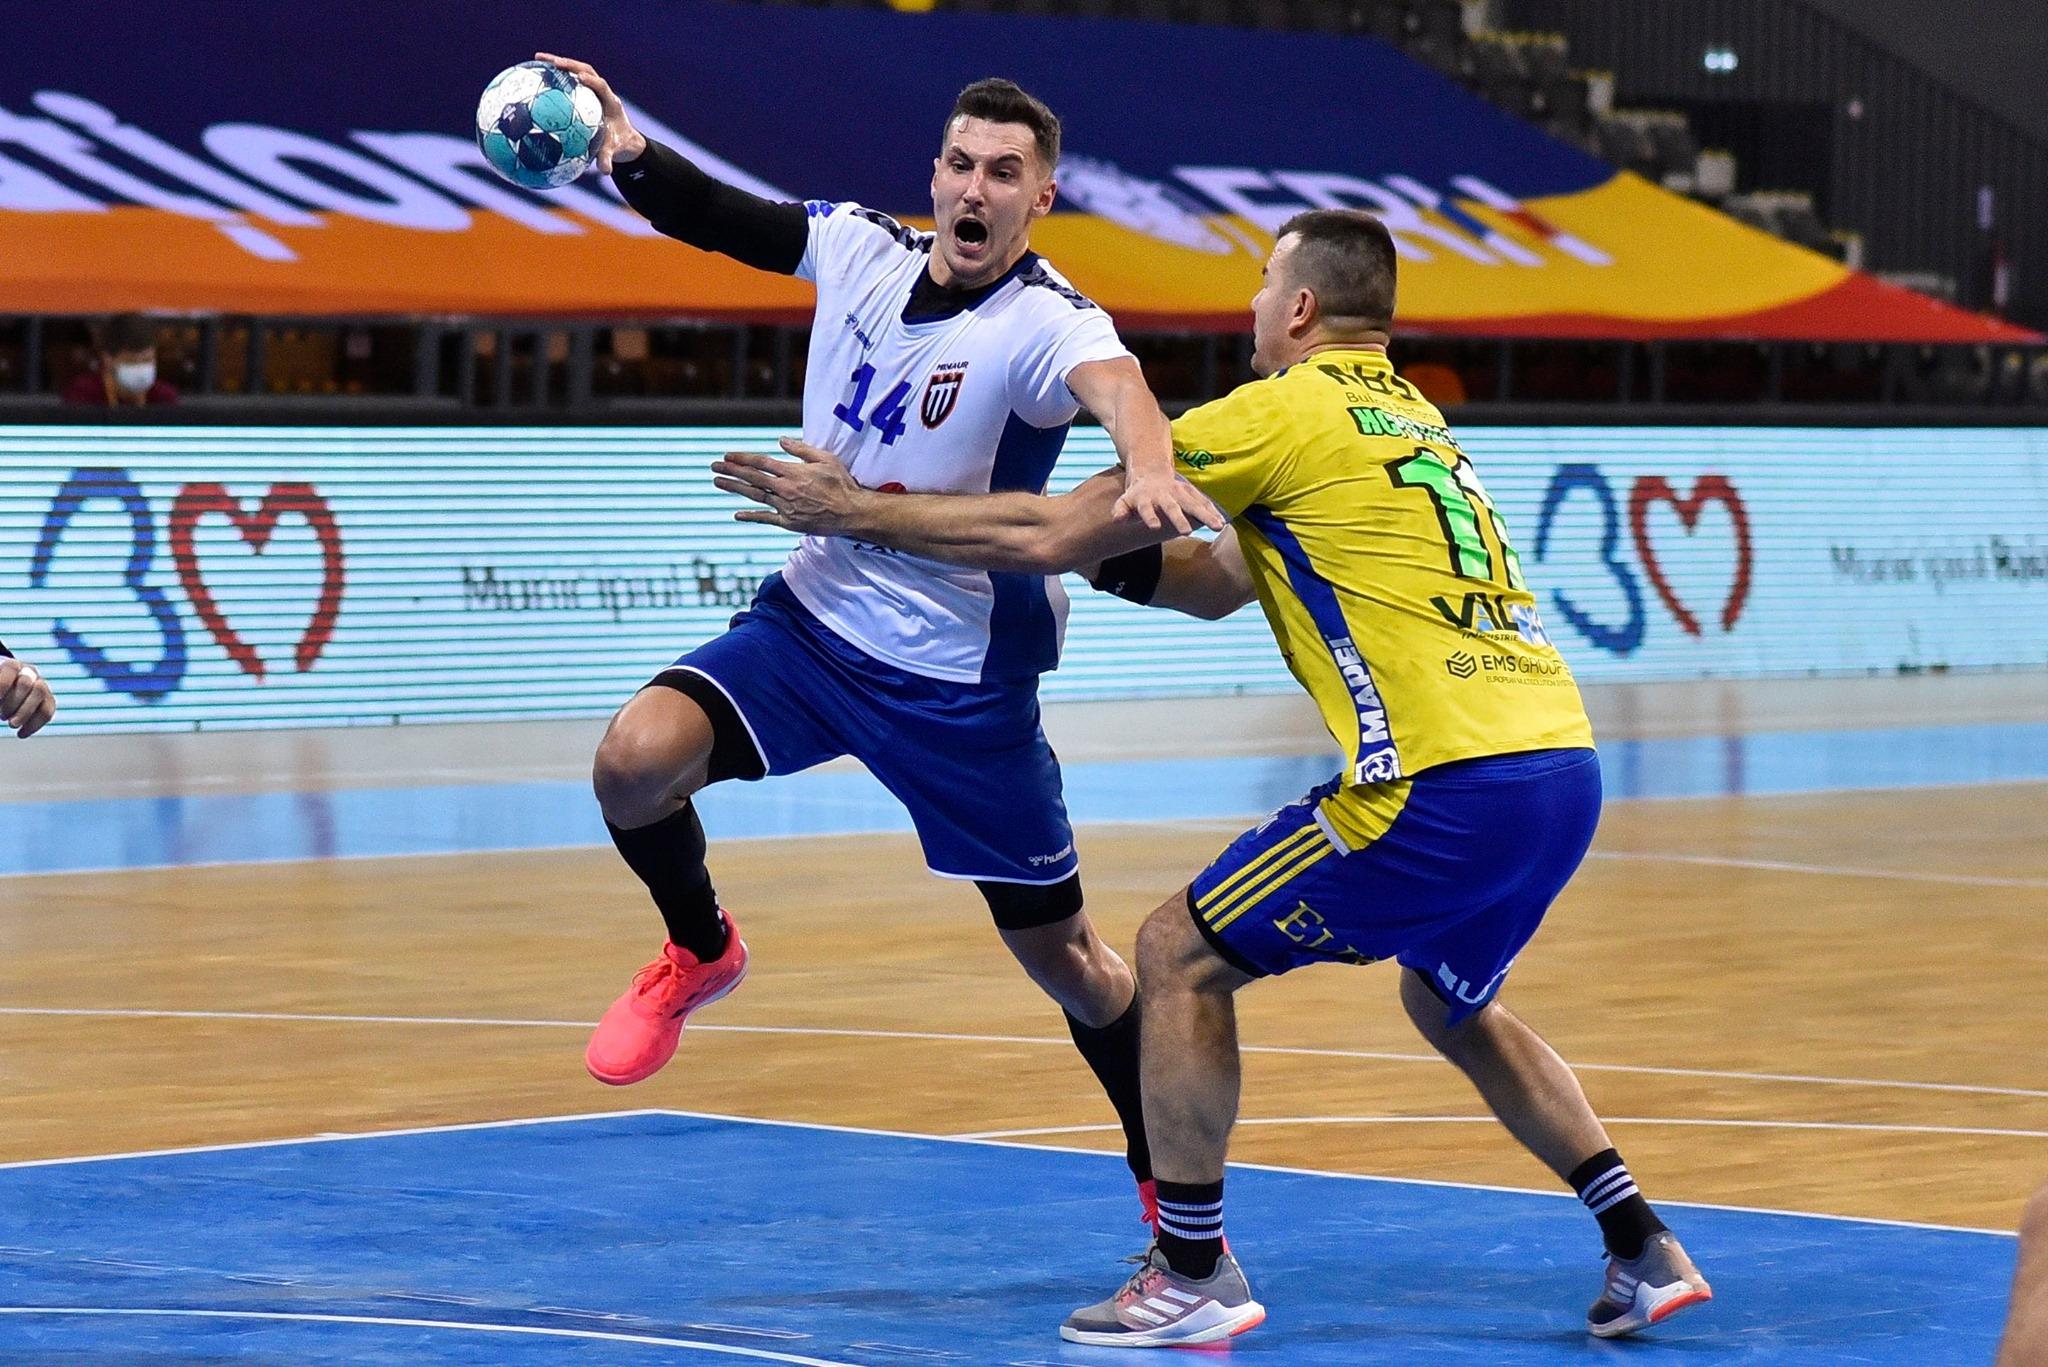 Patru meciuri ale echipei Minaur din ultimele șase etape sunt televizate